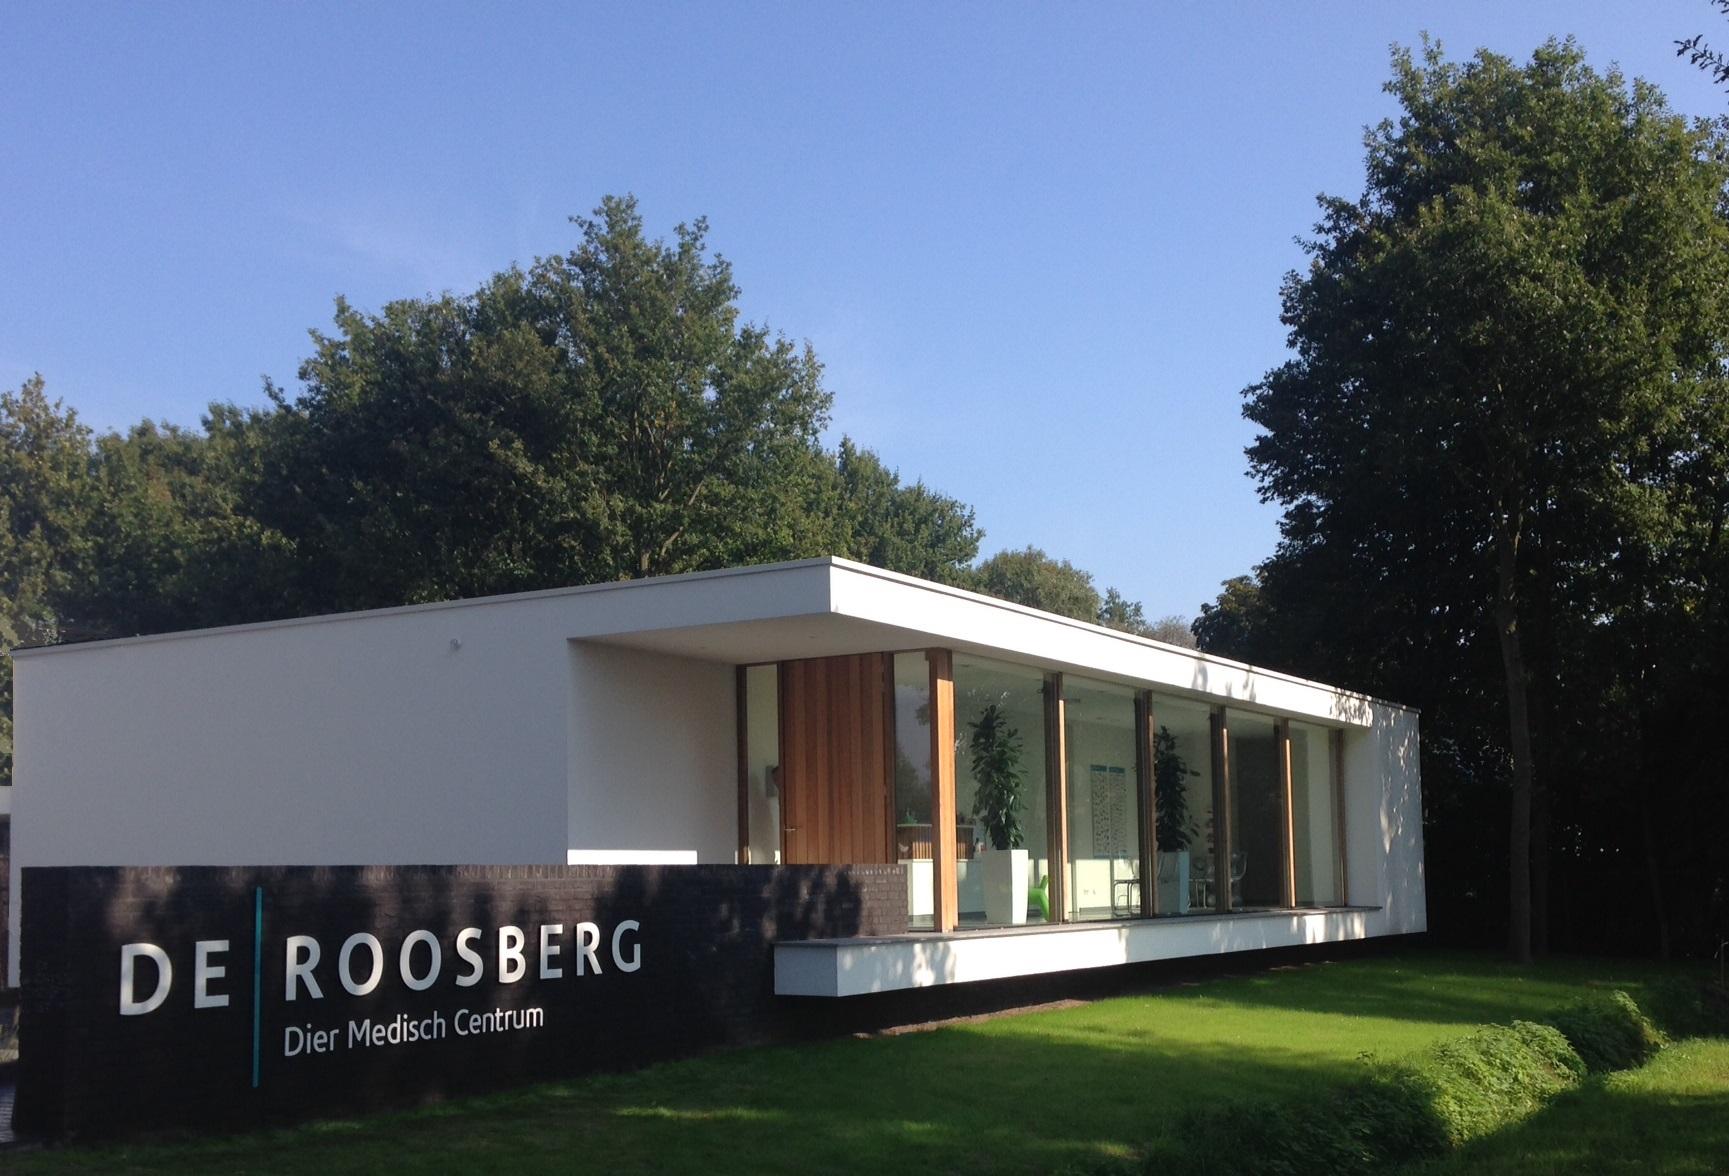 de roosberg